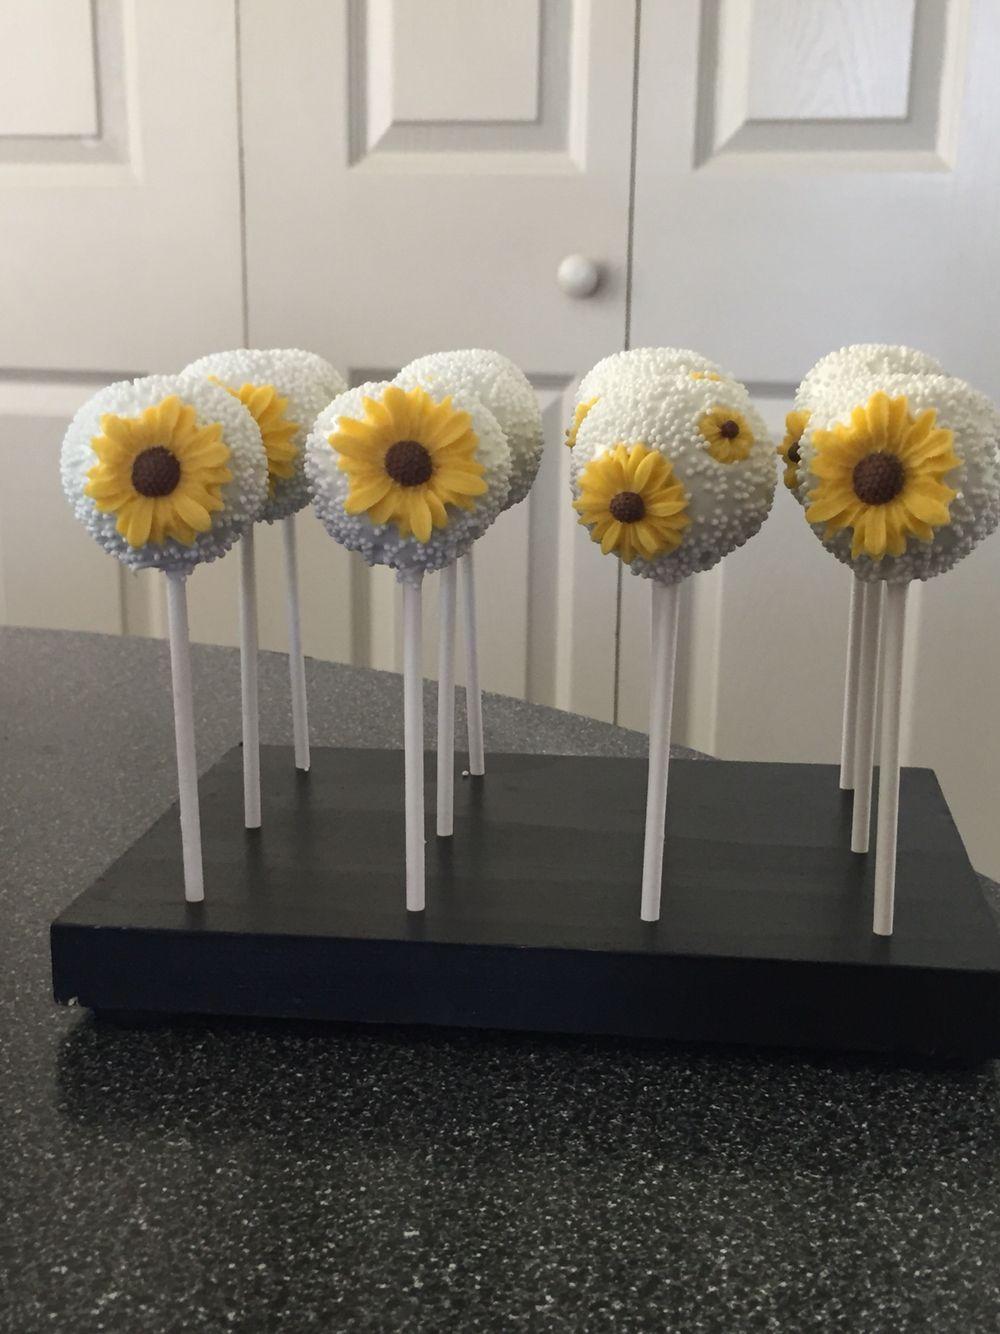 Sunflower Cakepops Sunflower bridal shower, Sunflower